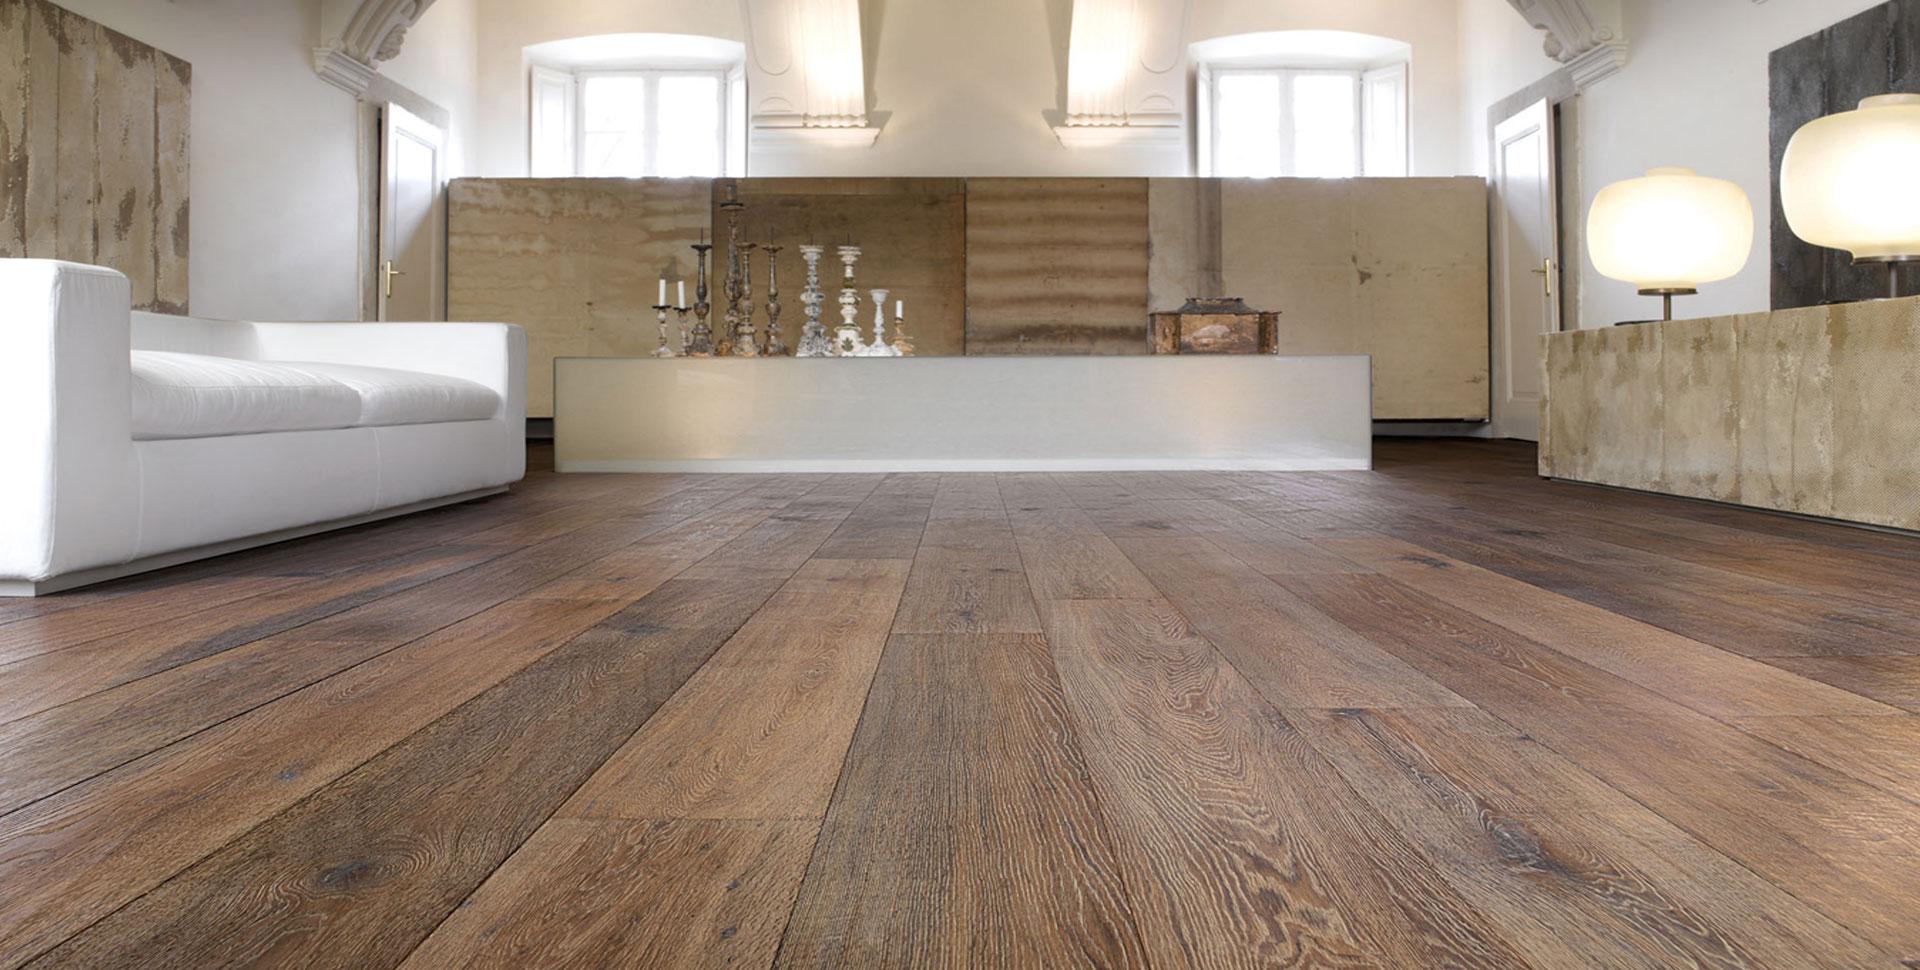 Pavimento laminato vantaggi e svantaggi - Pavimento in legno per bagno ...